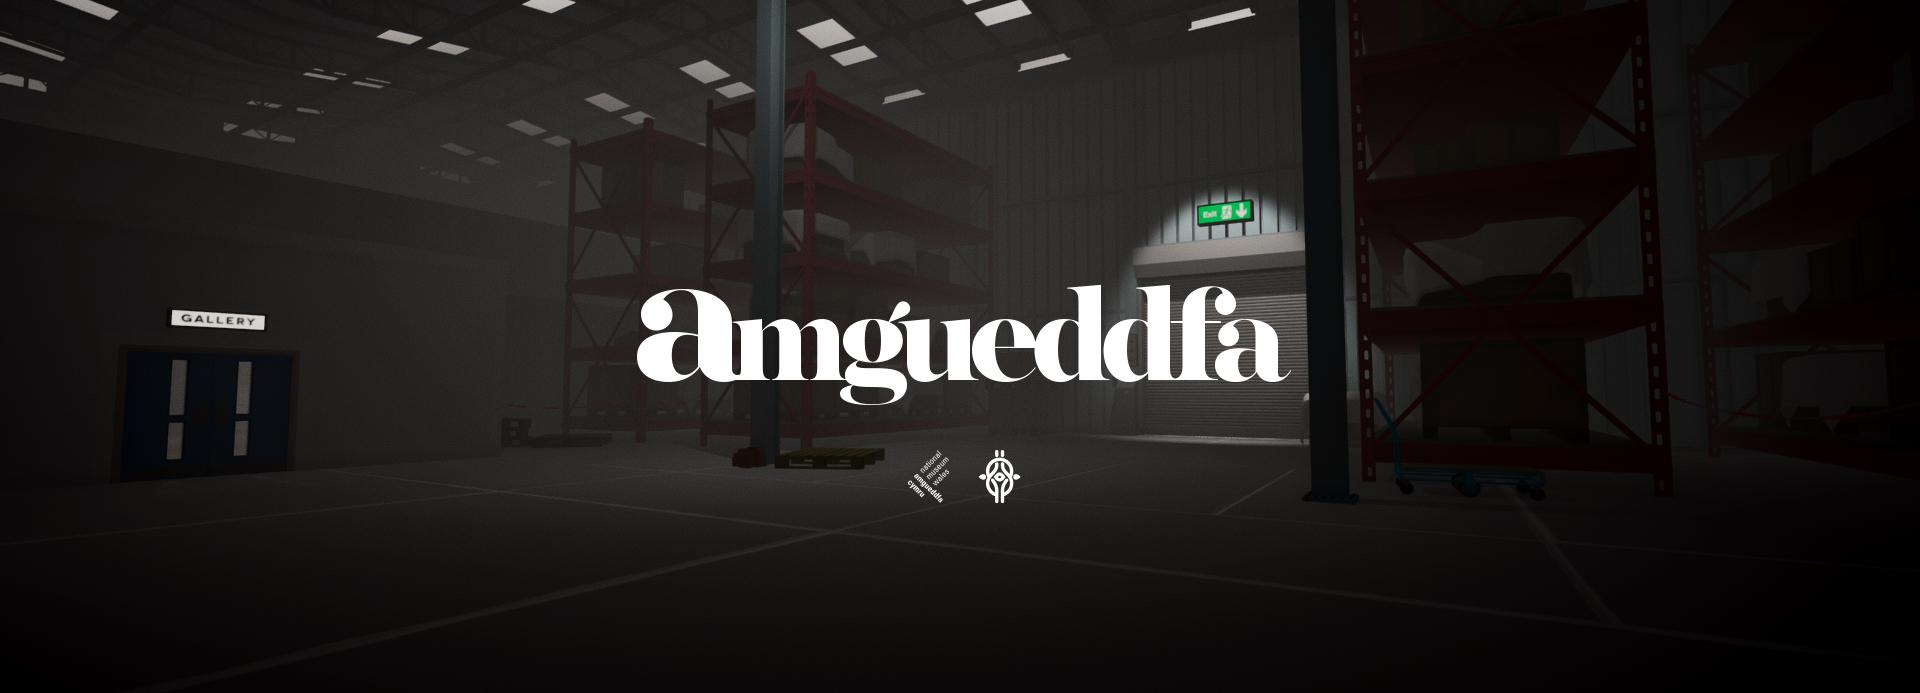 Amgueddfa